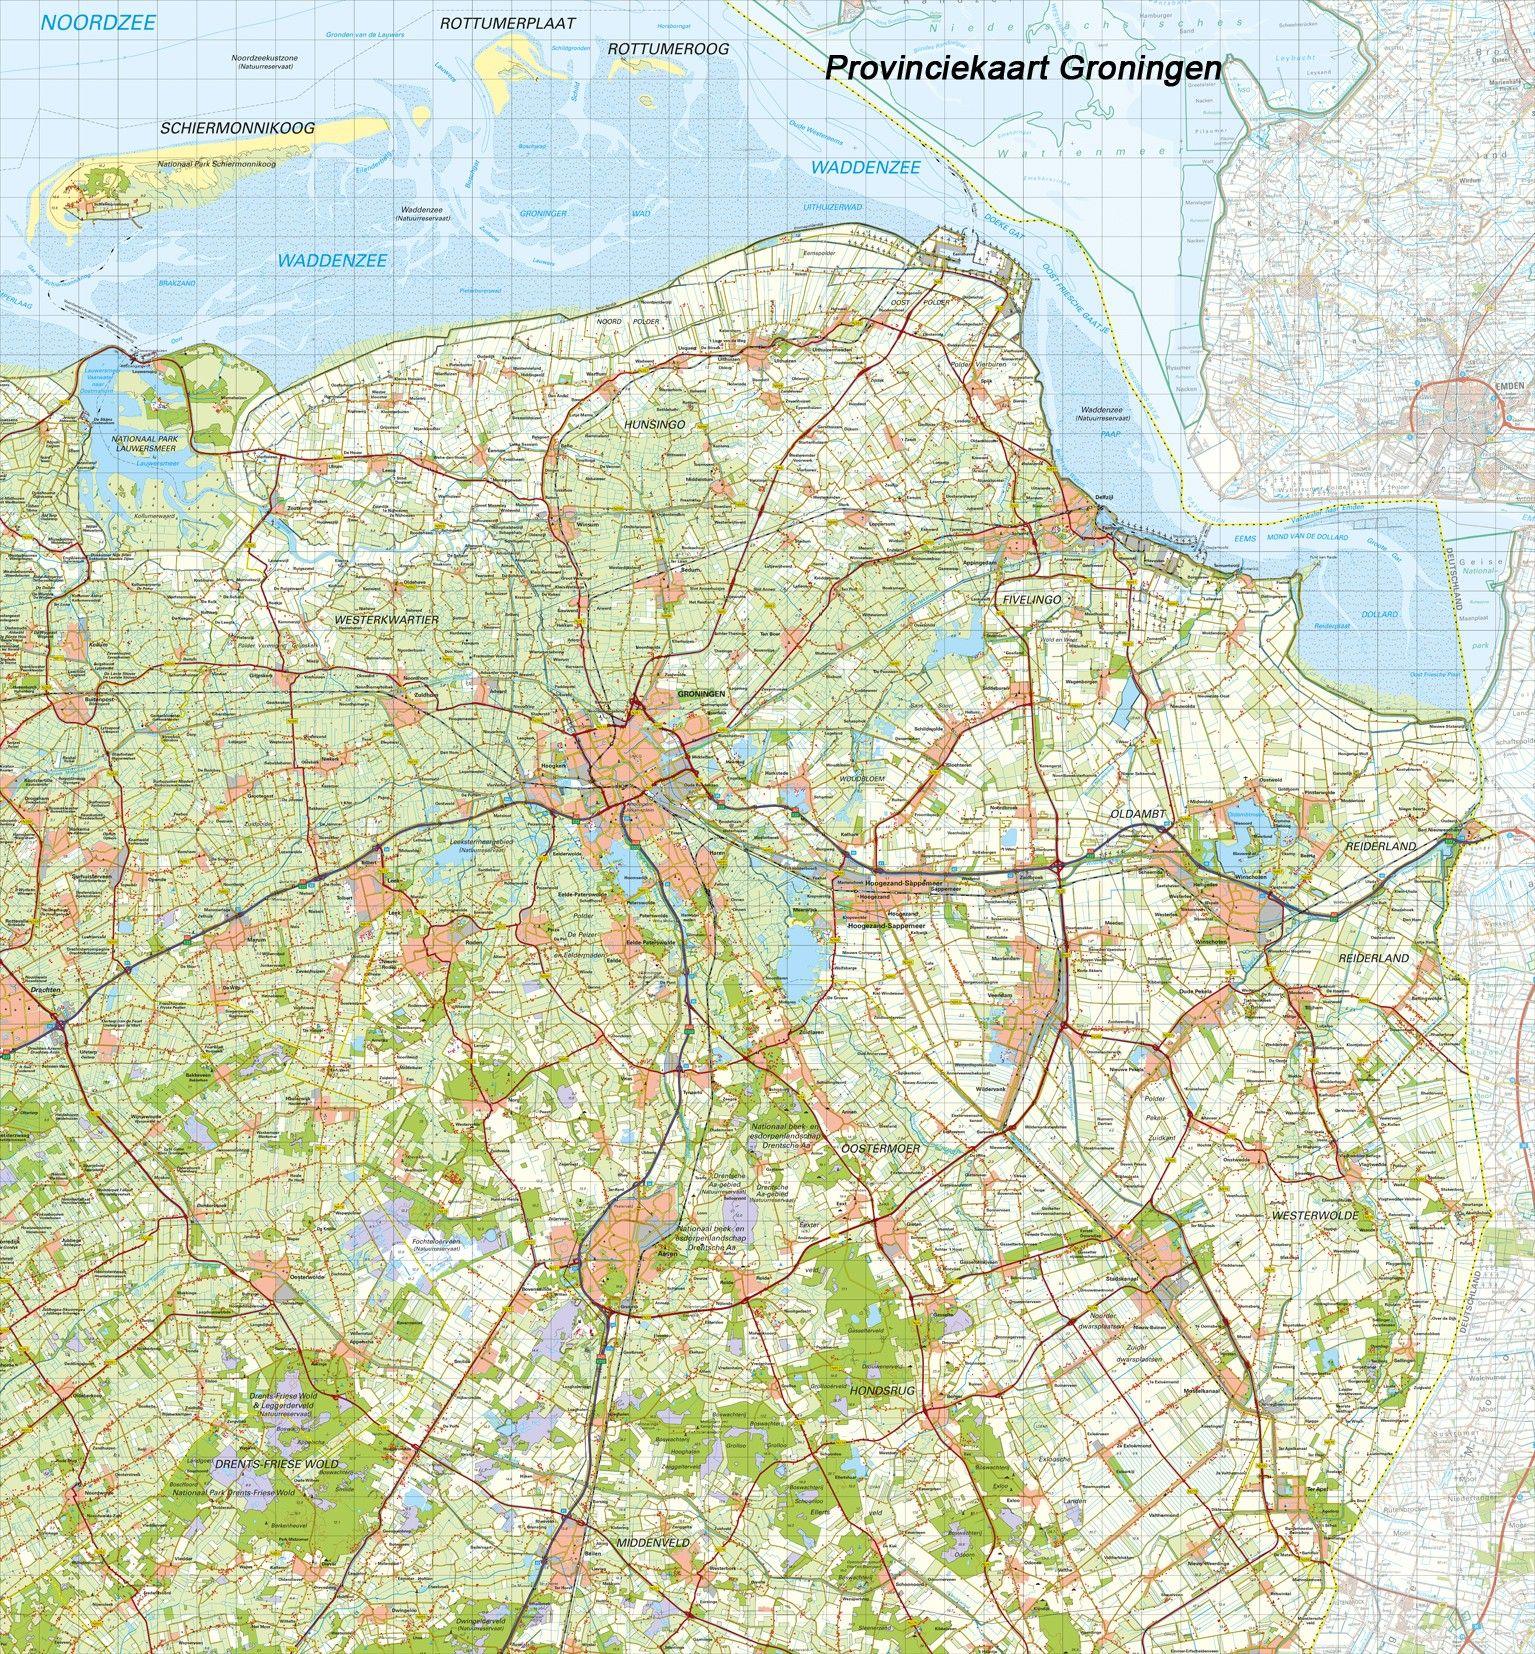 Topografische Provincie kaart Groningen 1:100.000